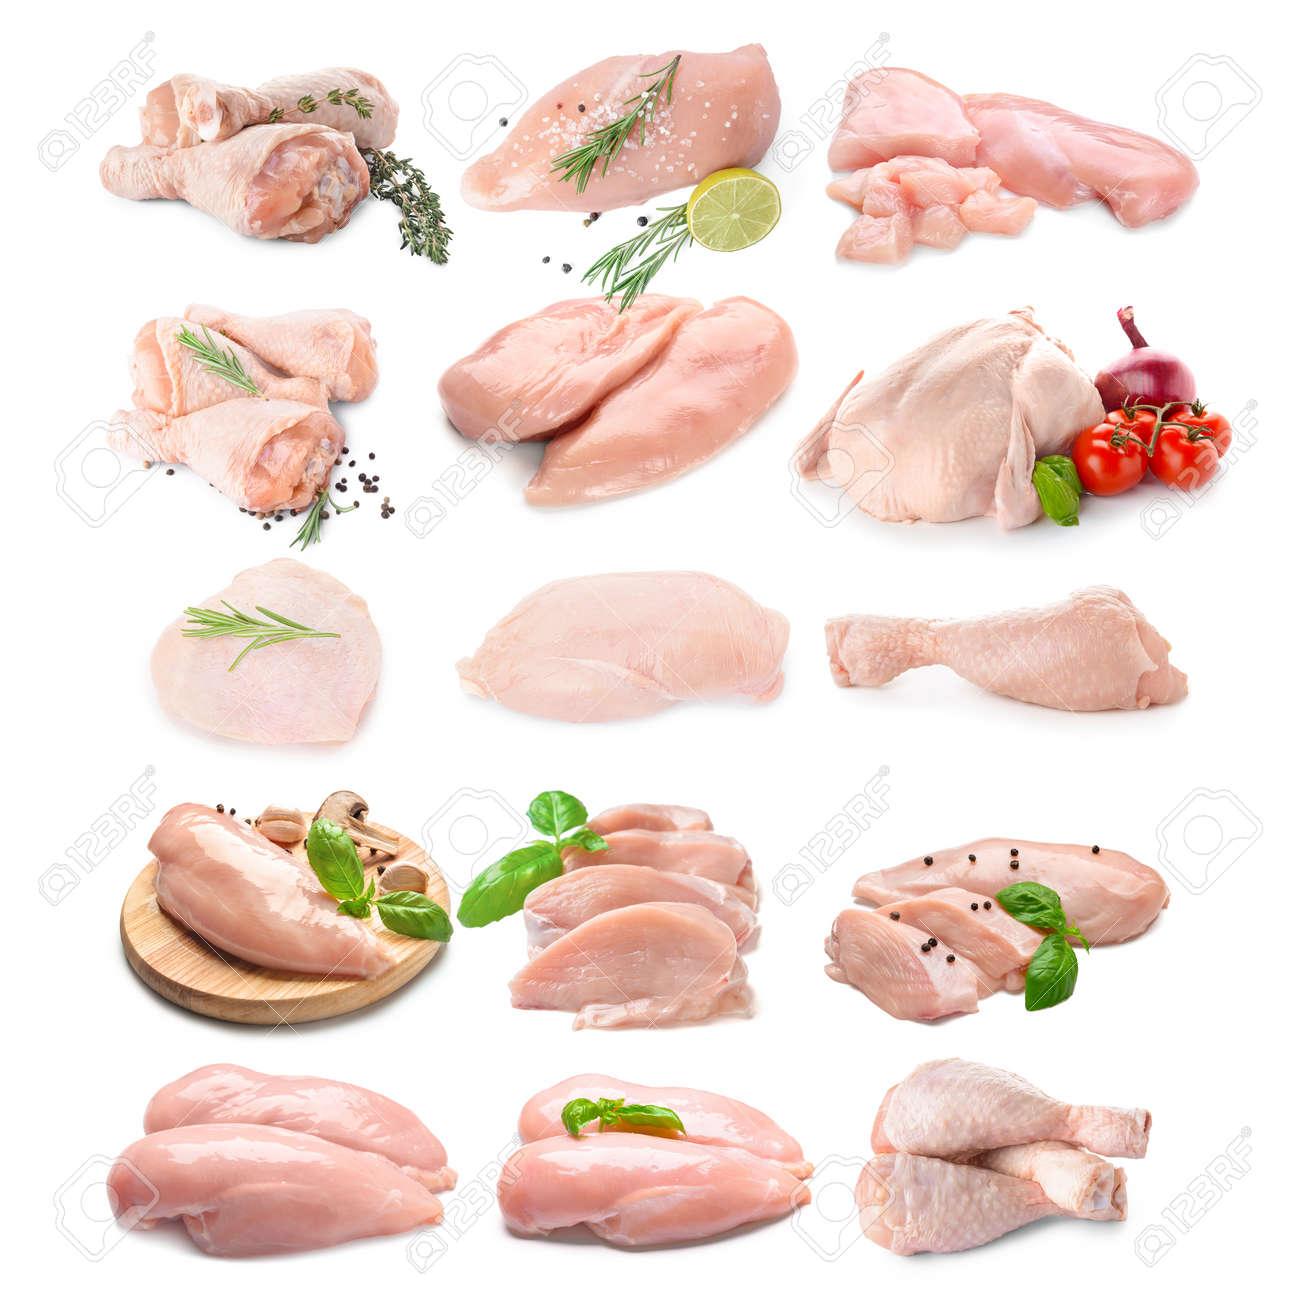 Fresh chicken meat on white background - 169067924